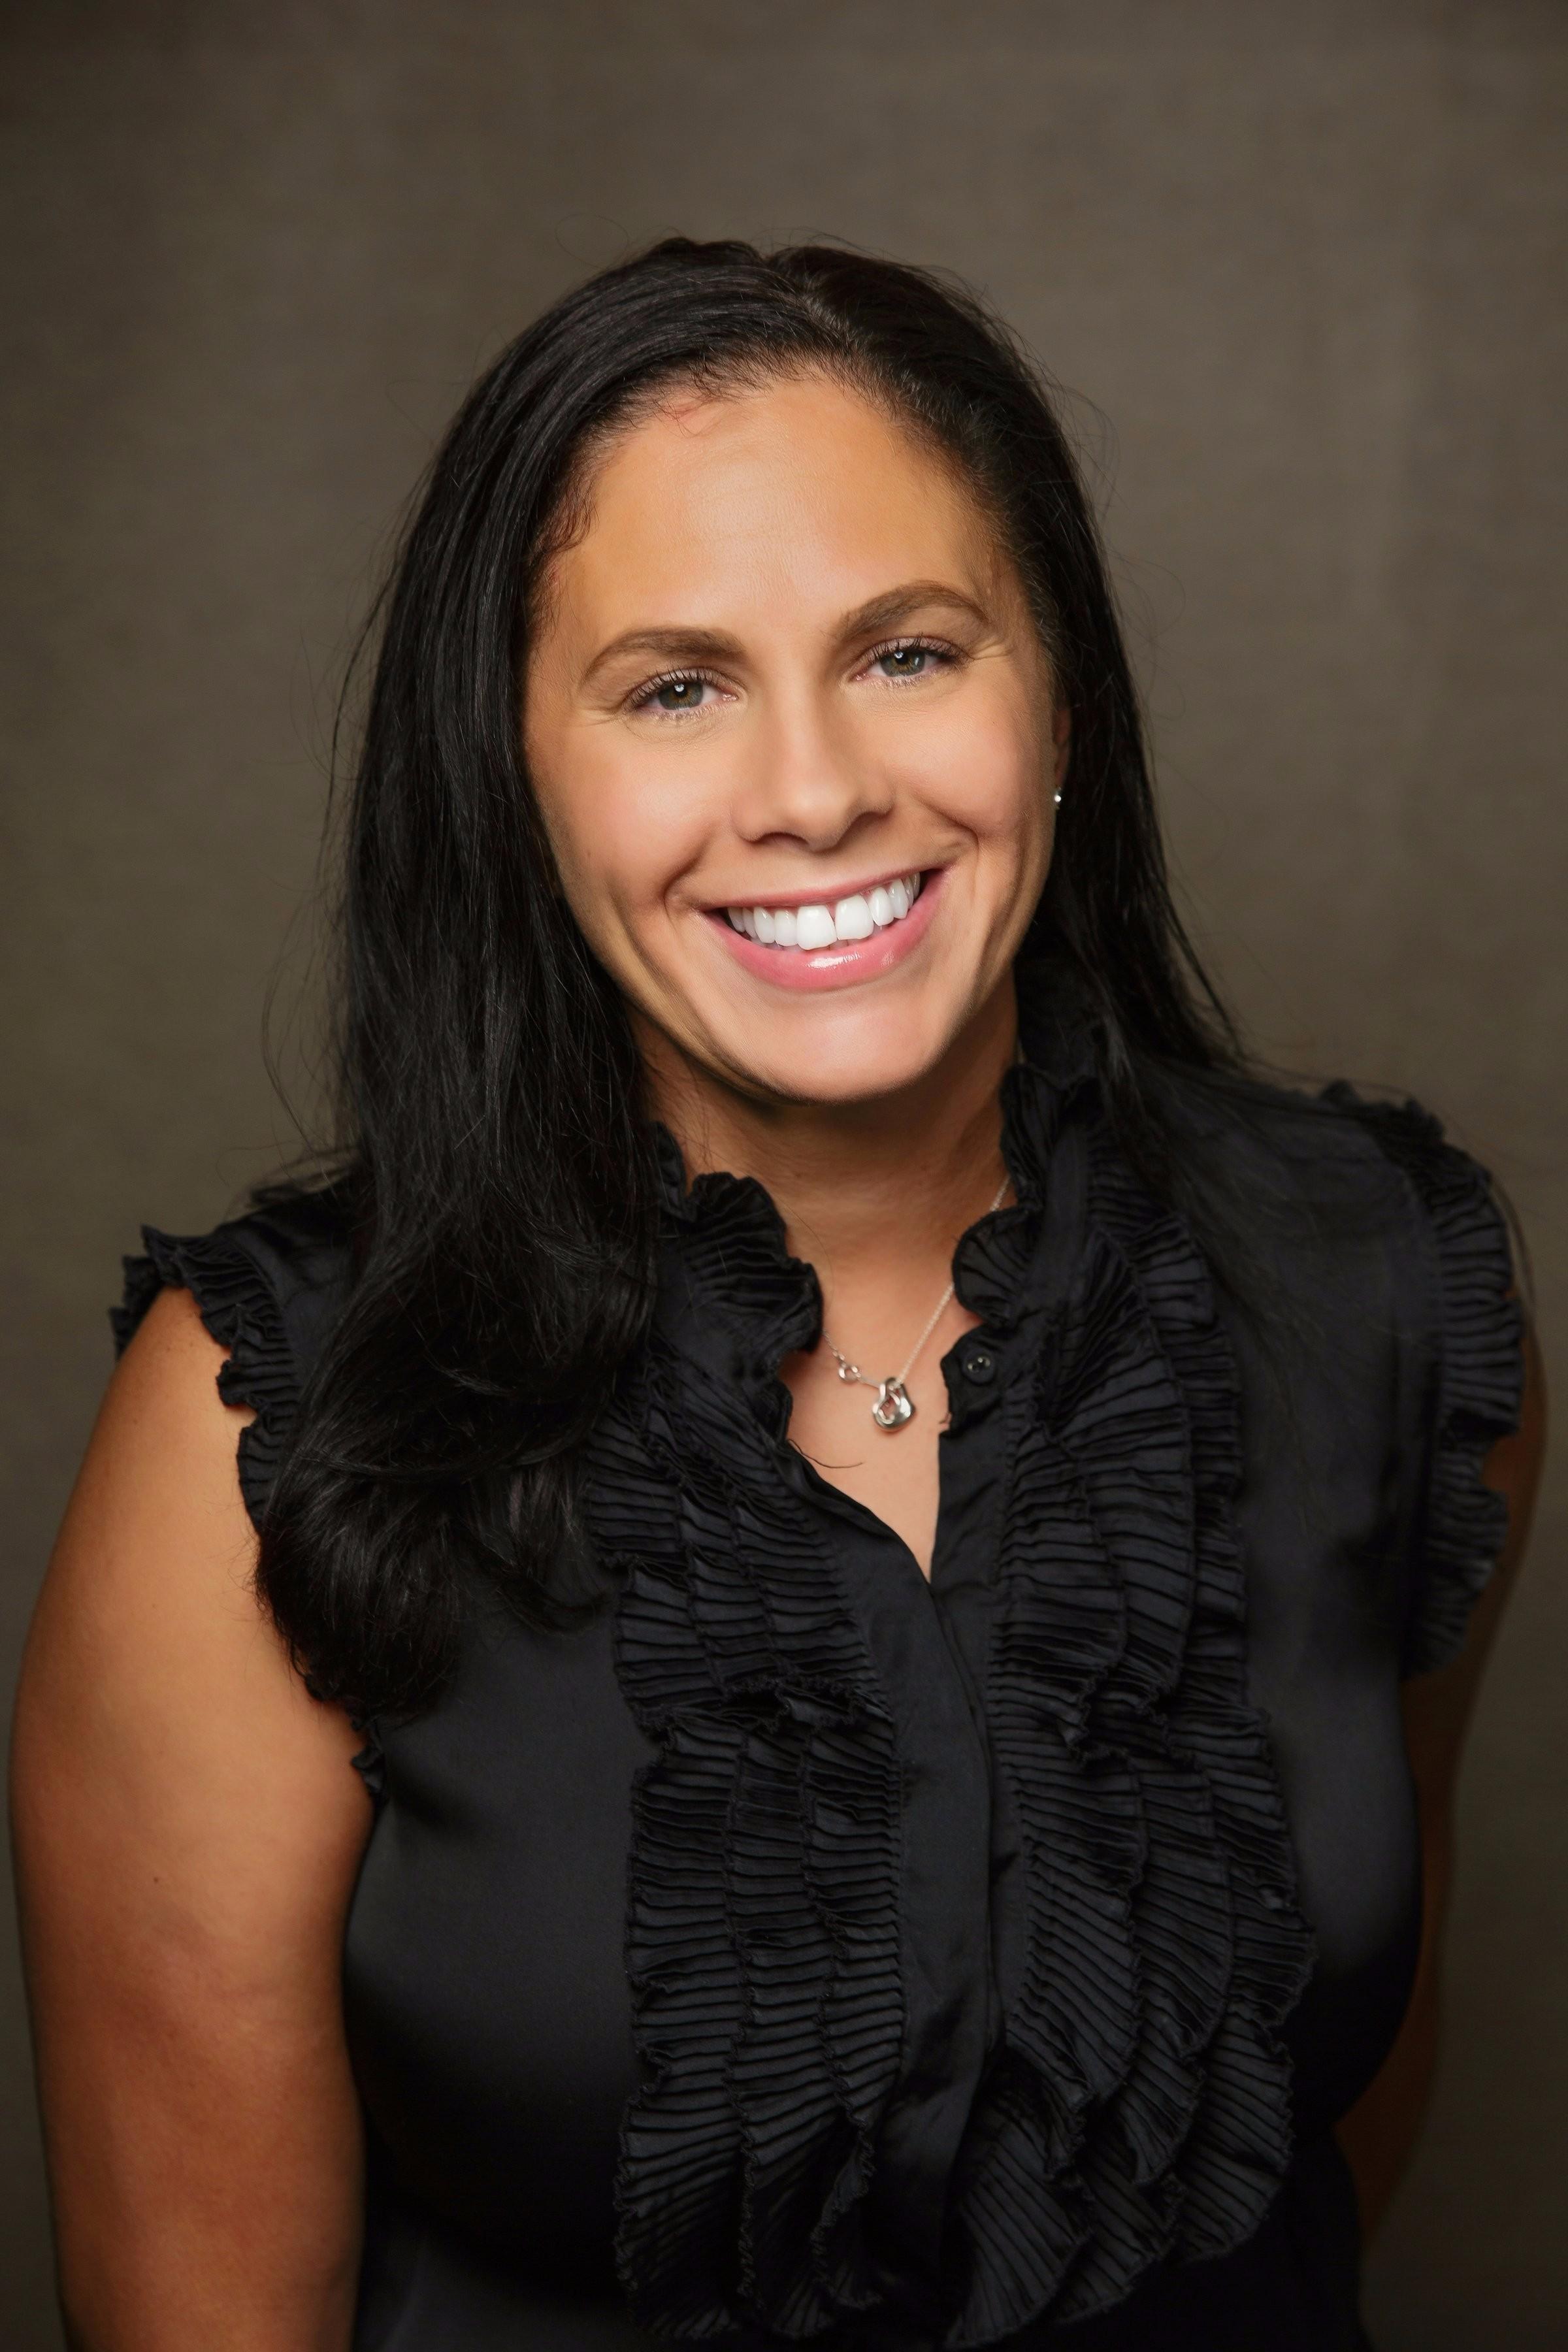 Melissa Fife